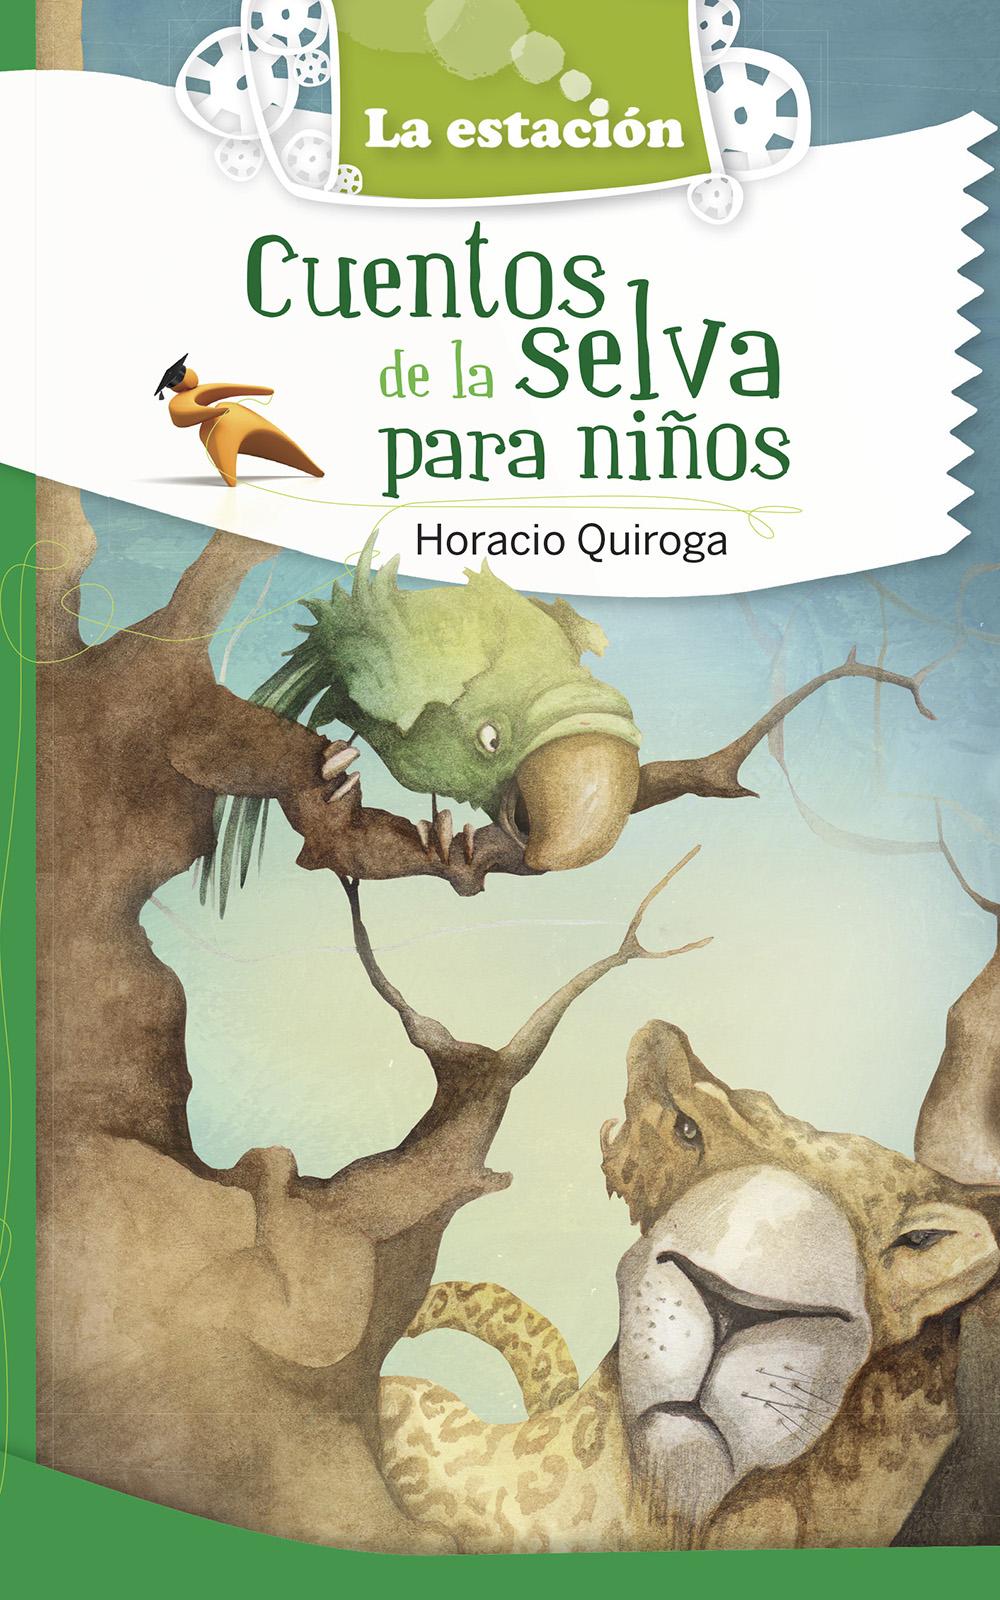 Cuentos De La Selva Estacion Editora